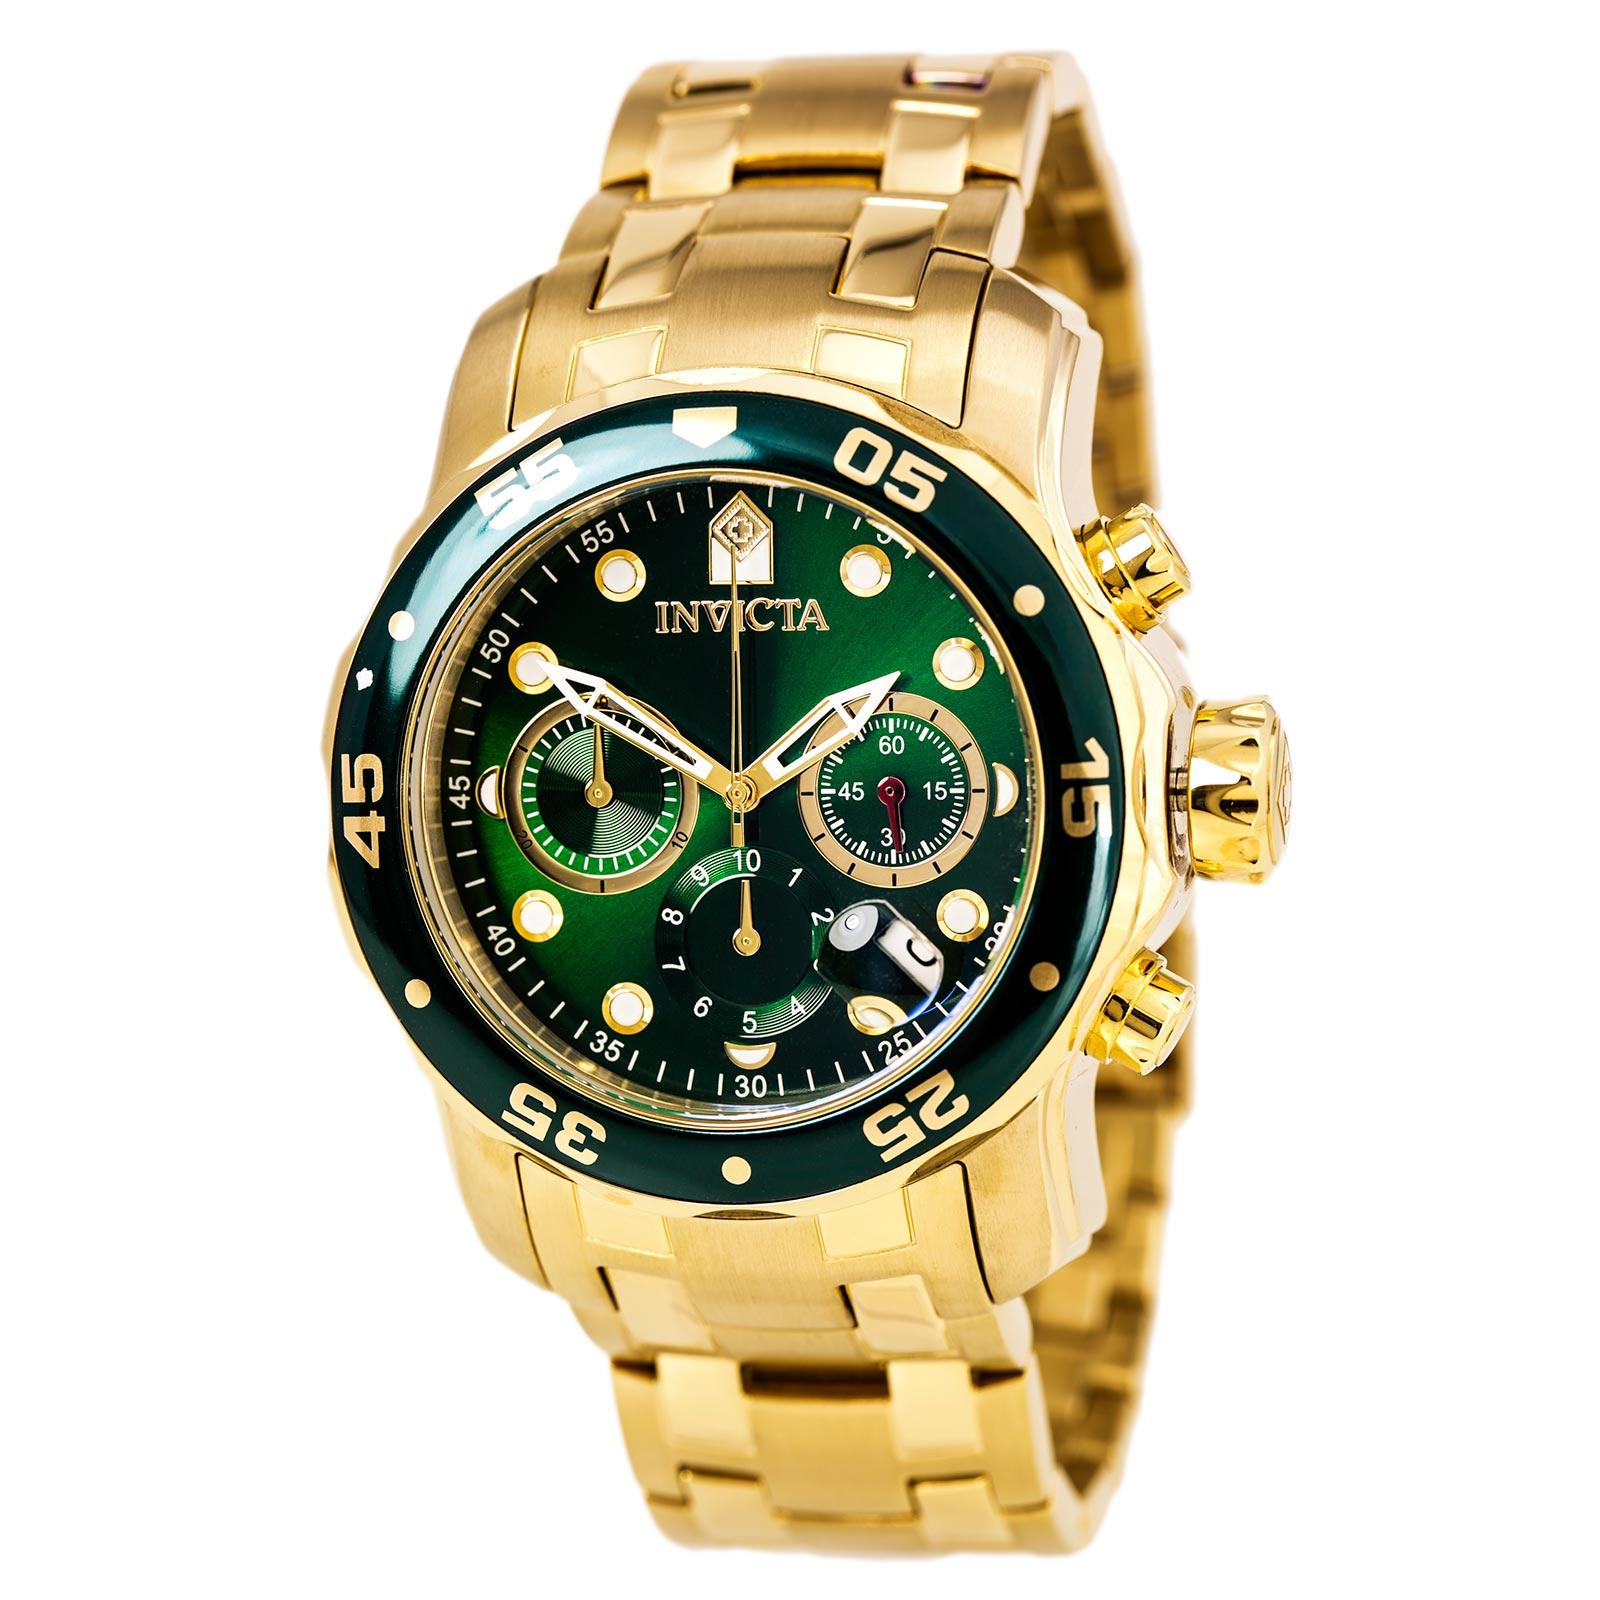 El Mejor Reloj De Pulsera Comparativa Amp Guia De Compra